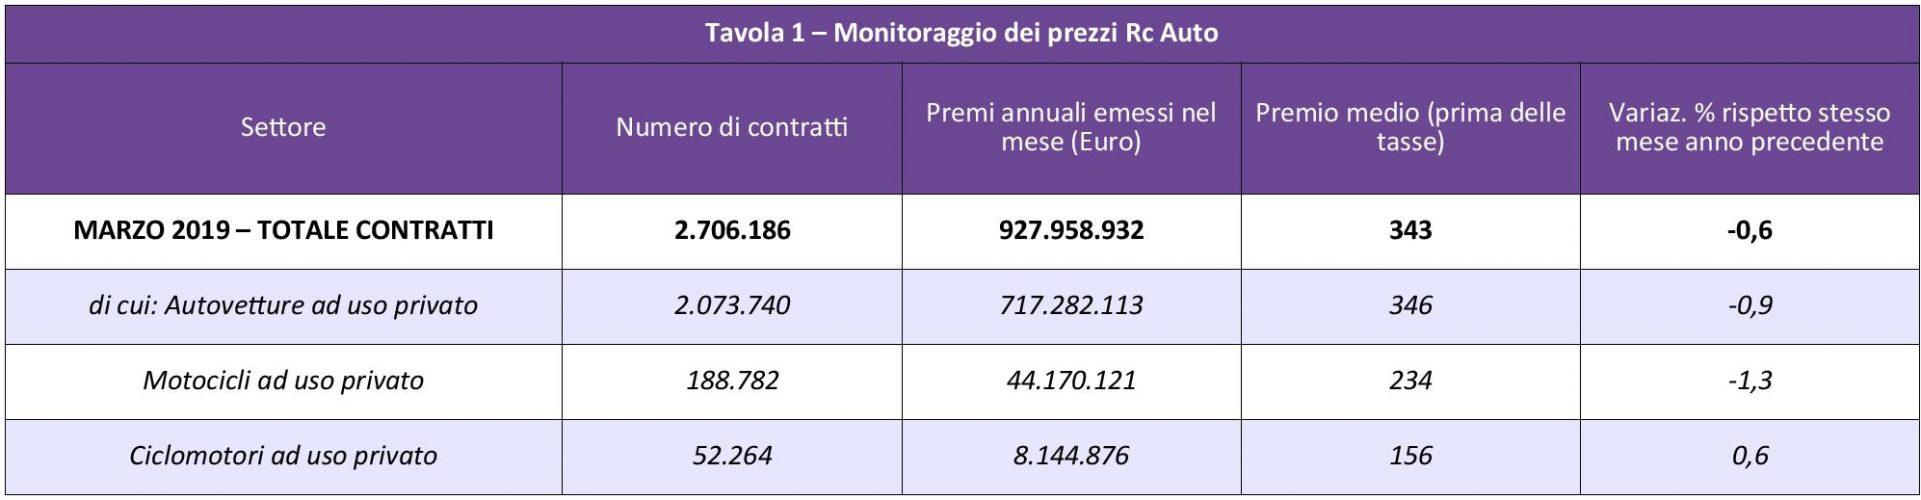 ANIA - Monitoraggio prezzi Rc Auto - Marzo 2019 IMC